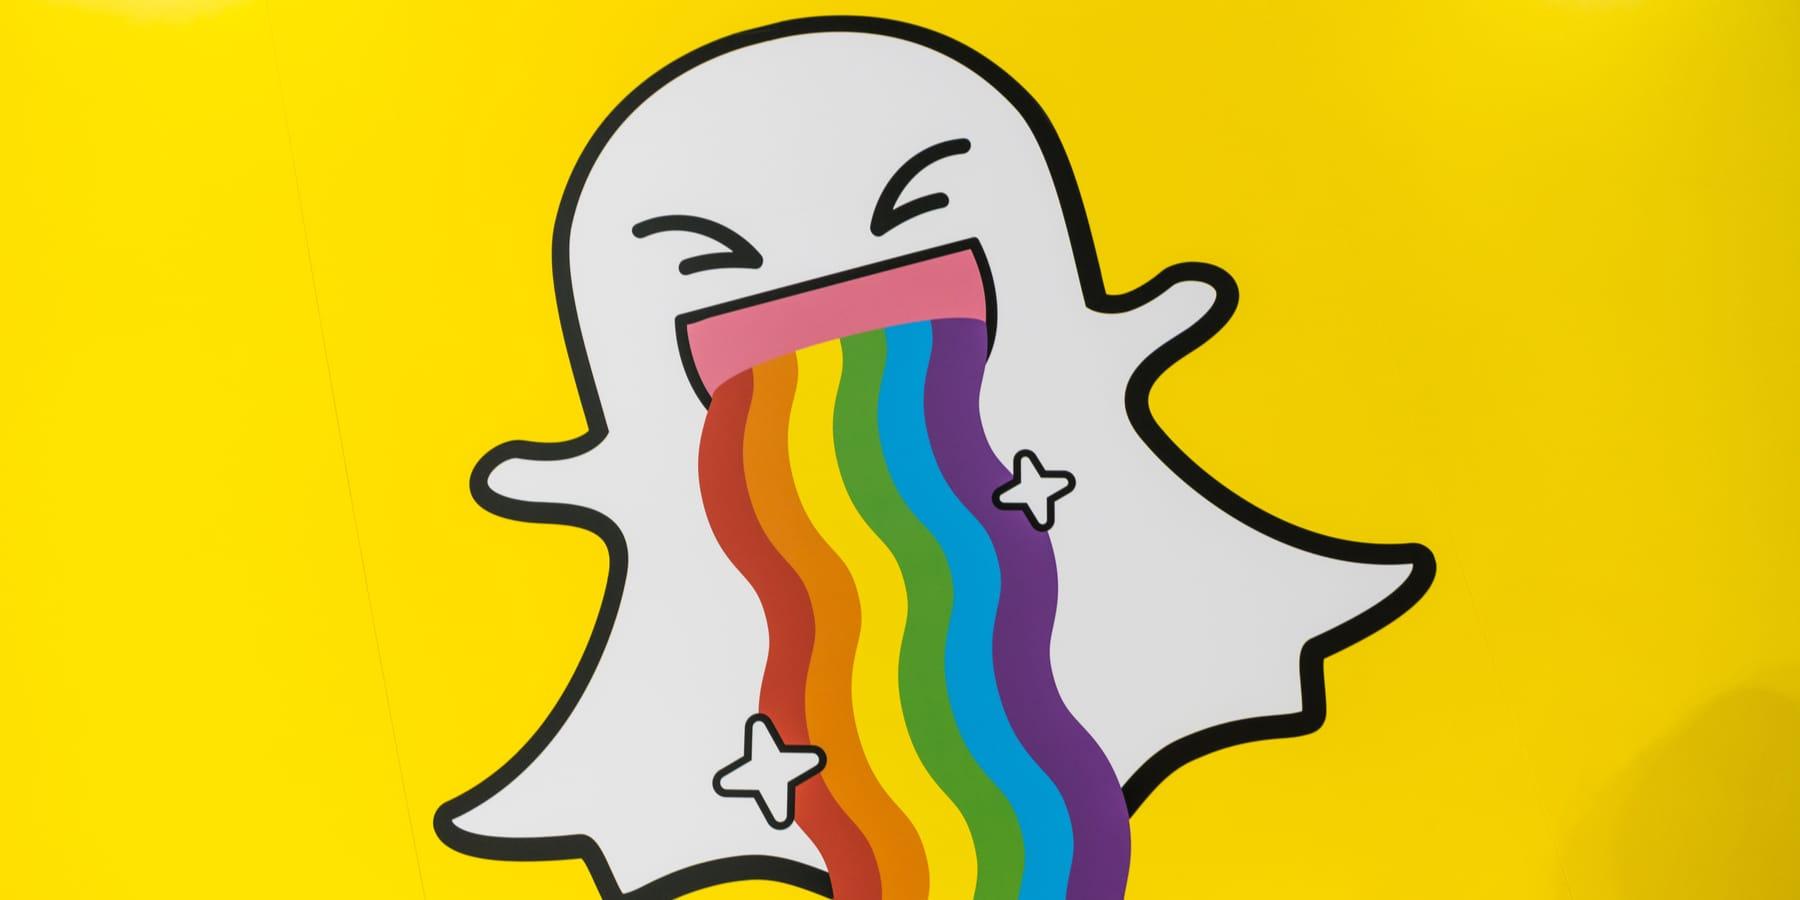 Nach Snaps Feuerwerk. Was macht Facebook, Pinterest und Twitter?